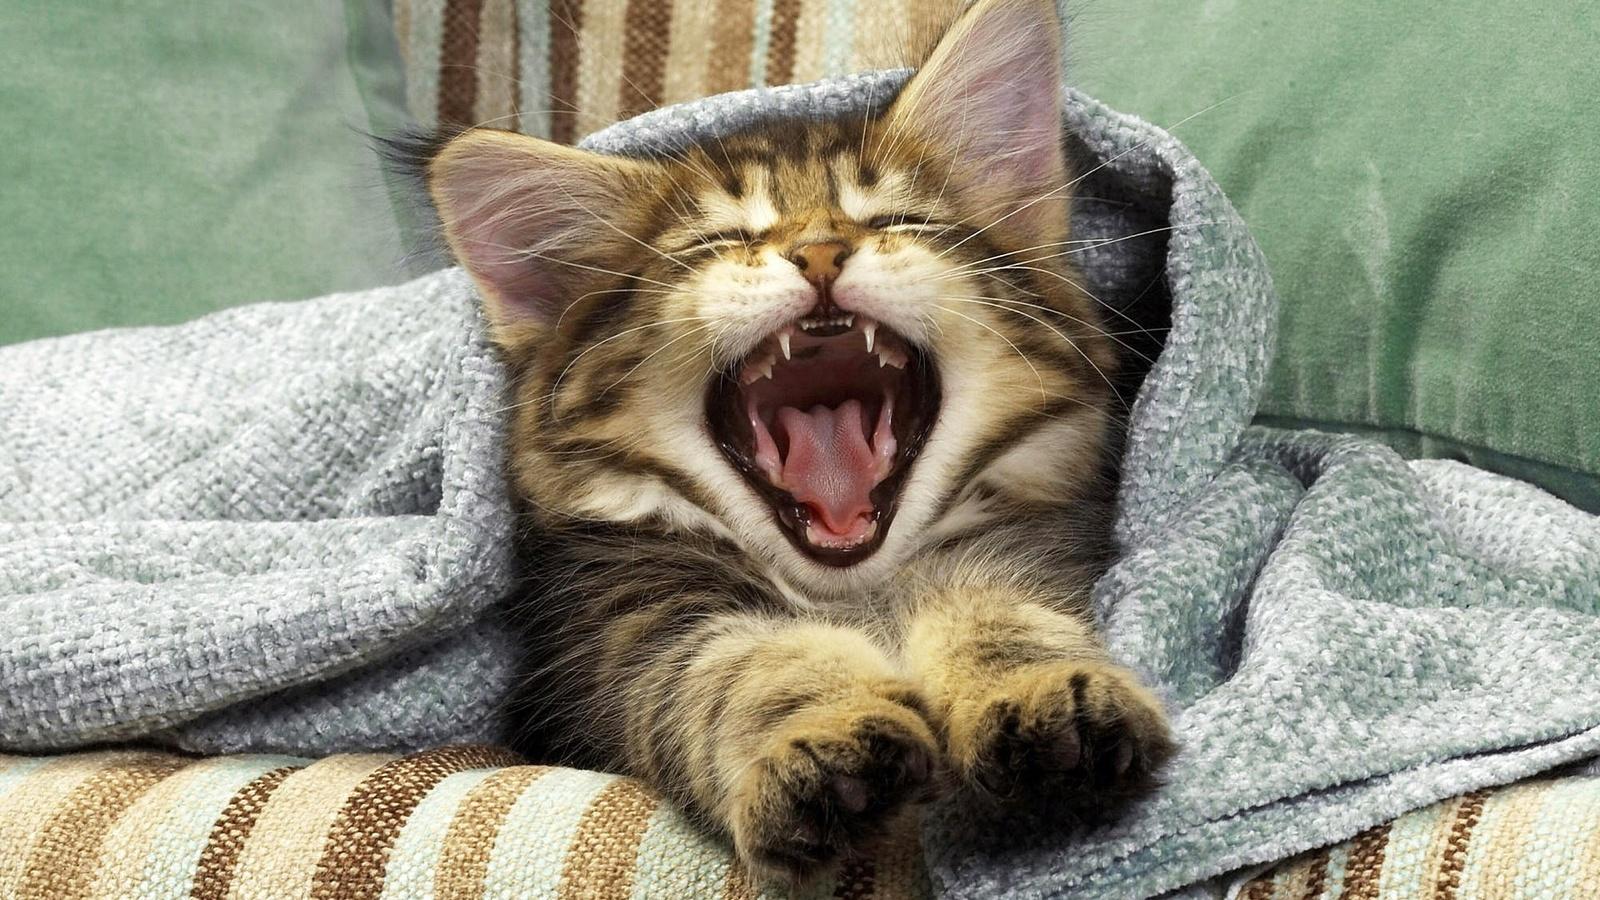 Доброе утро картинки кошки прикольные картинки, мегаполиса